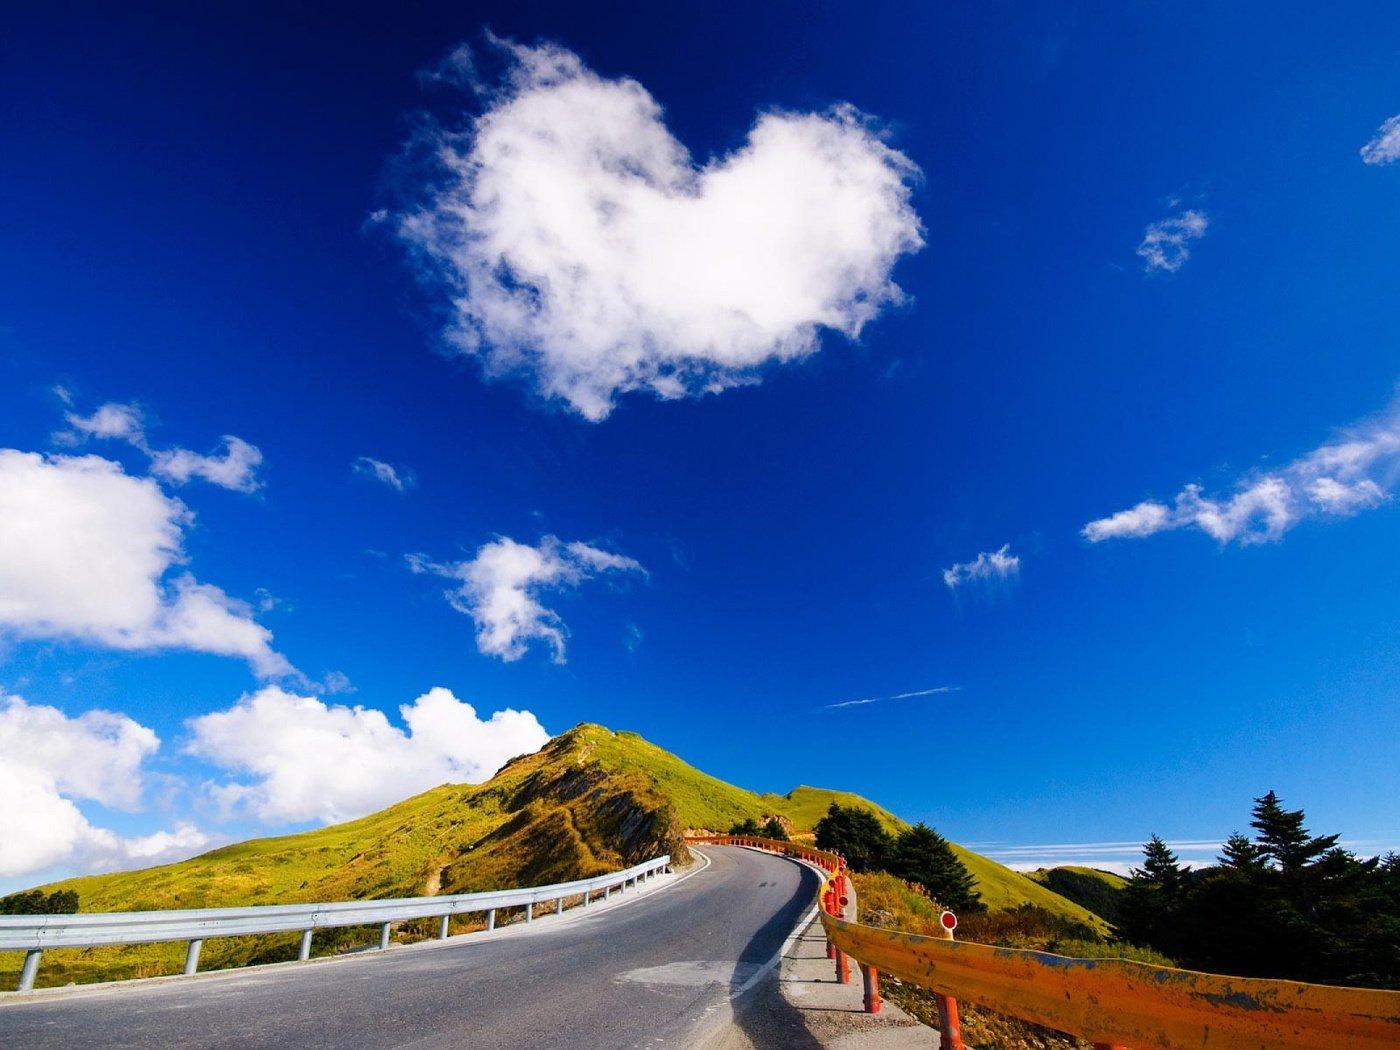 цель красивые картинки небо и дорогами так